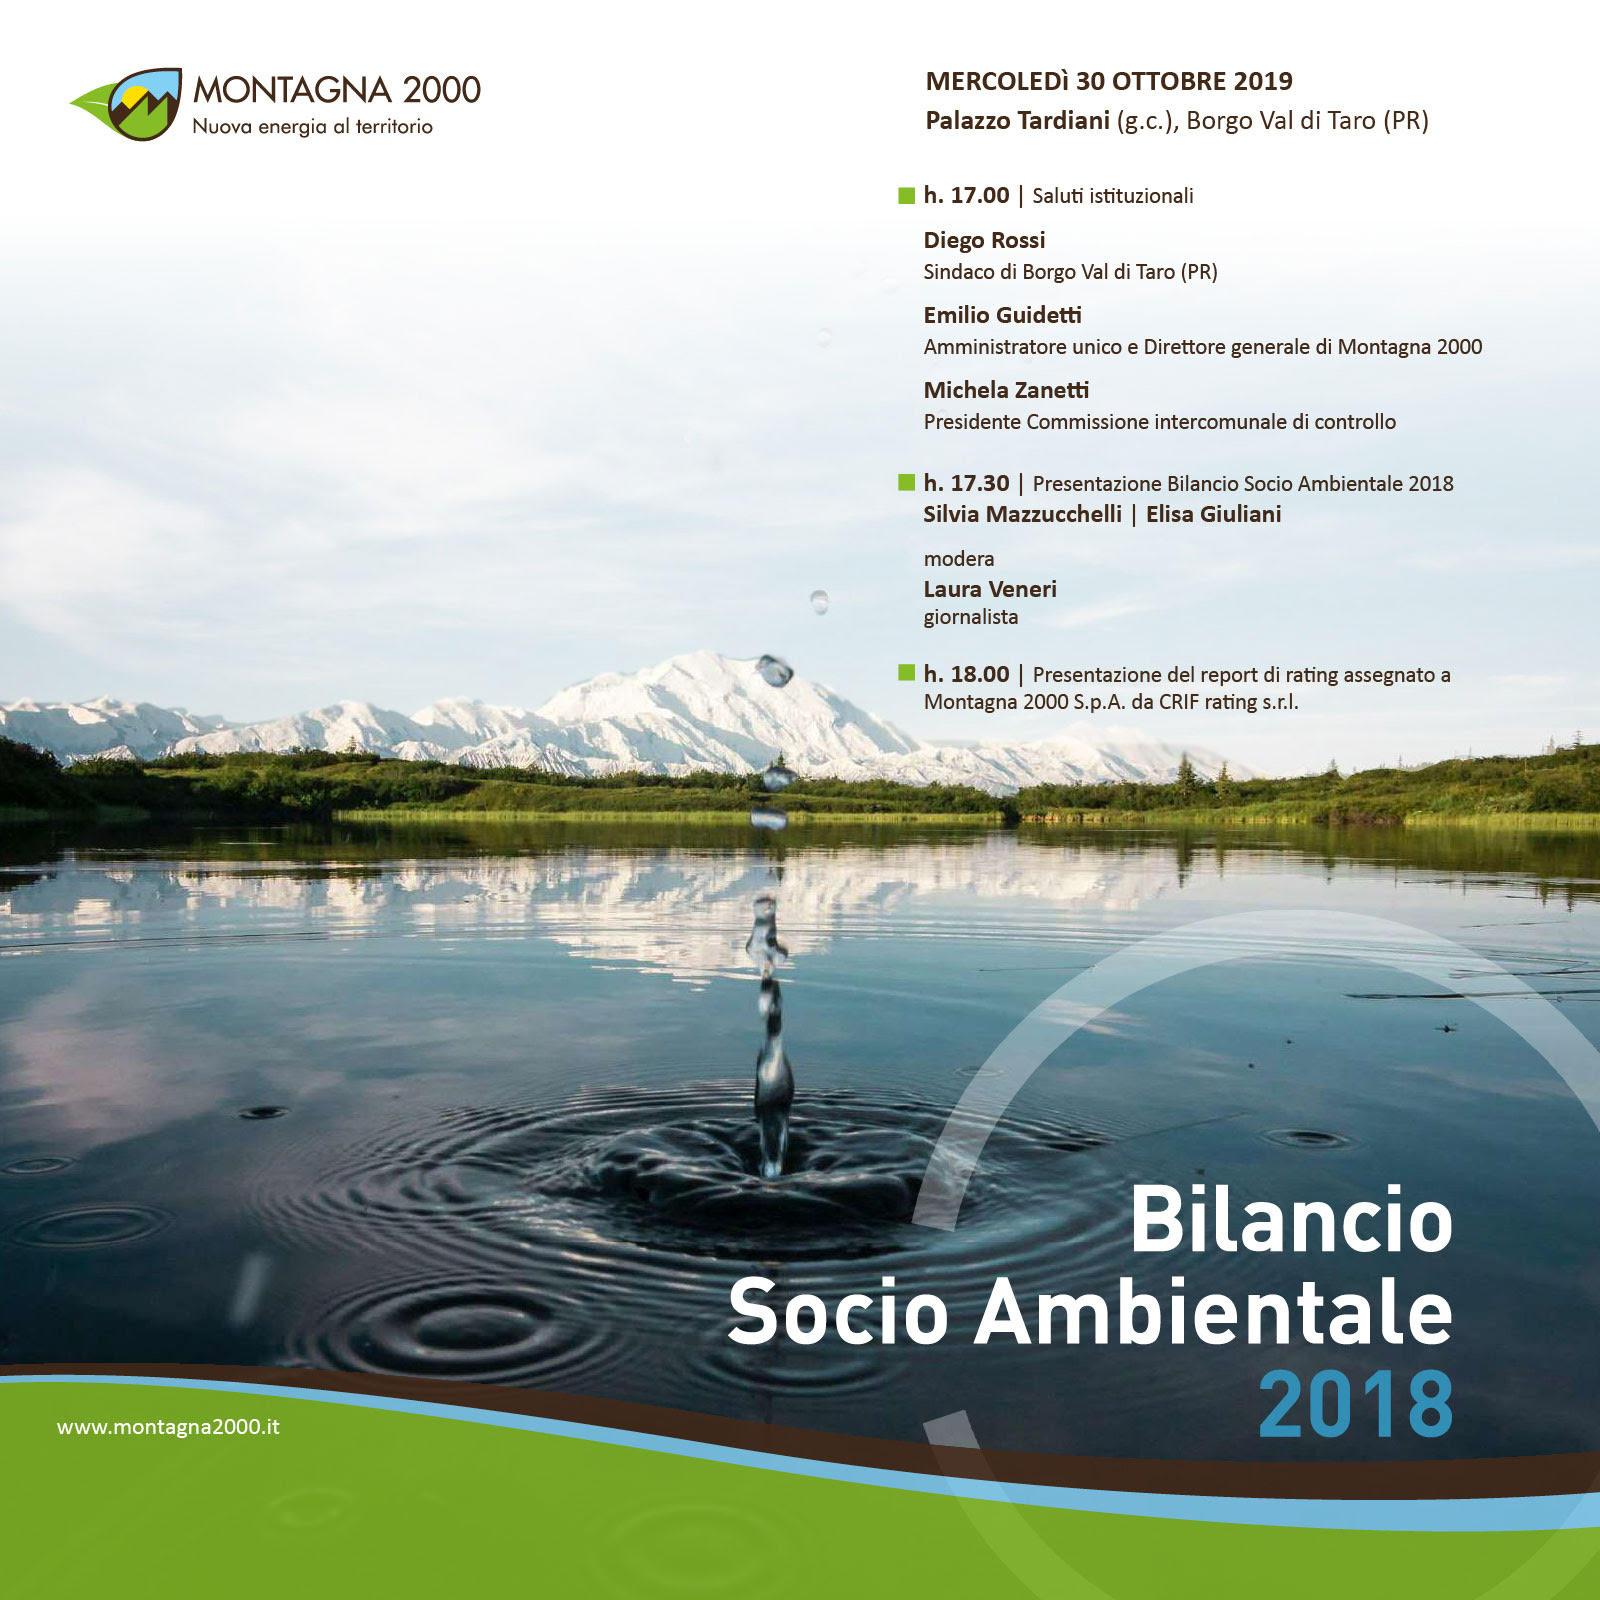 Presentazione del Bilancio Socio Ambientale